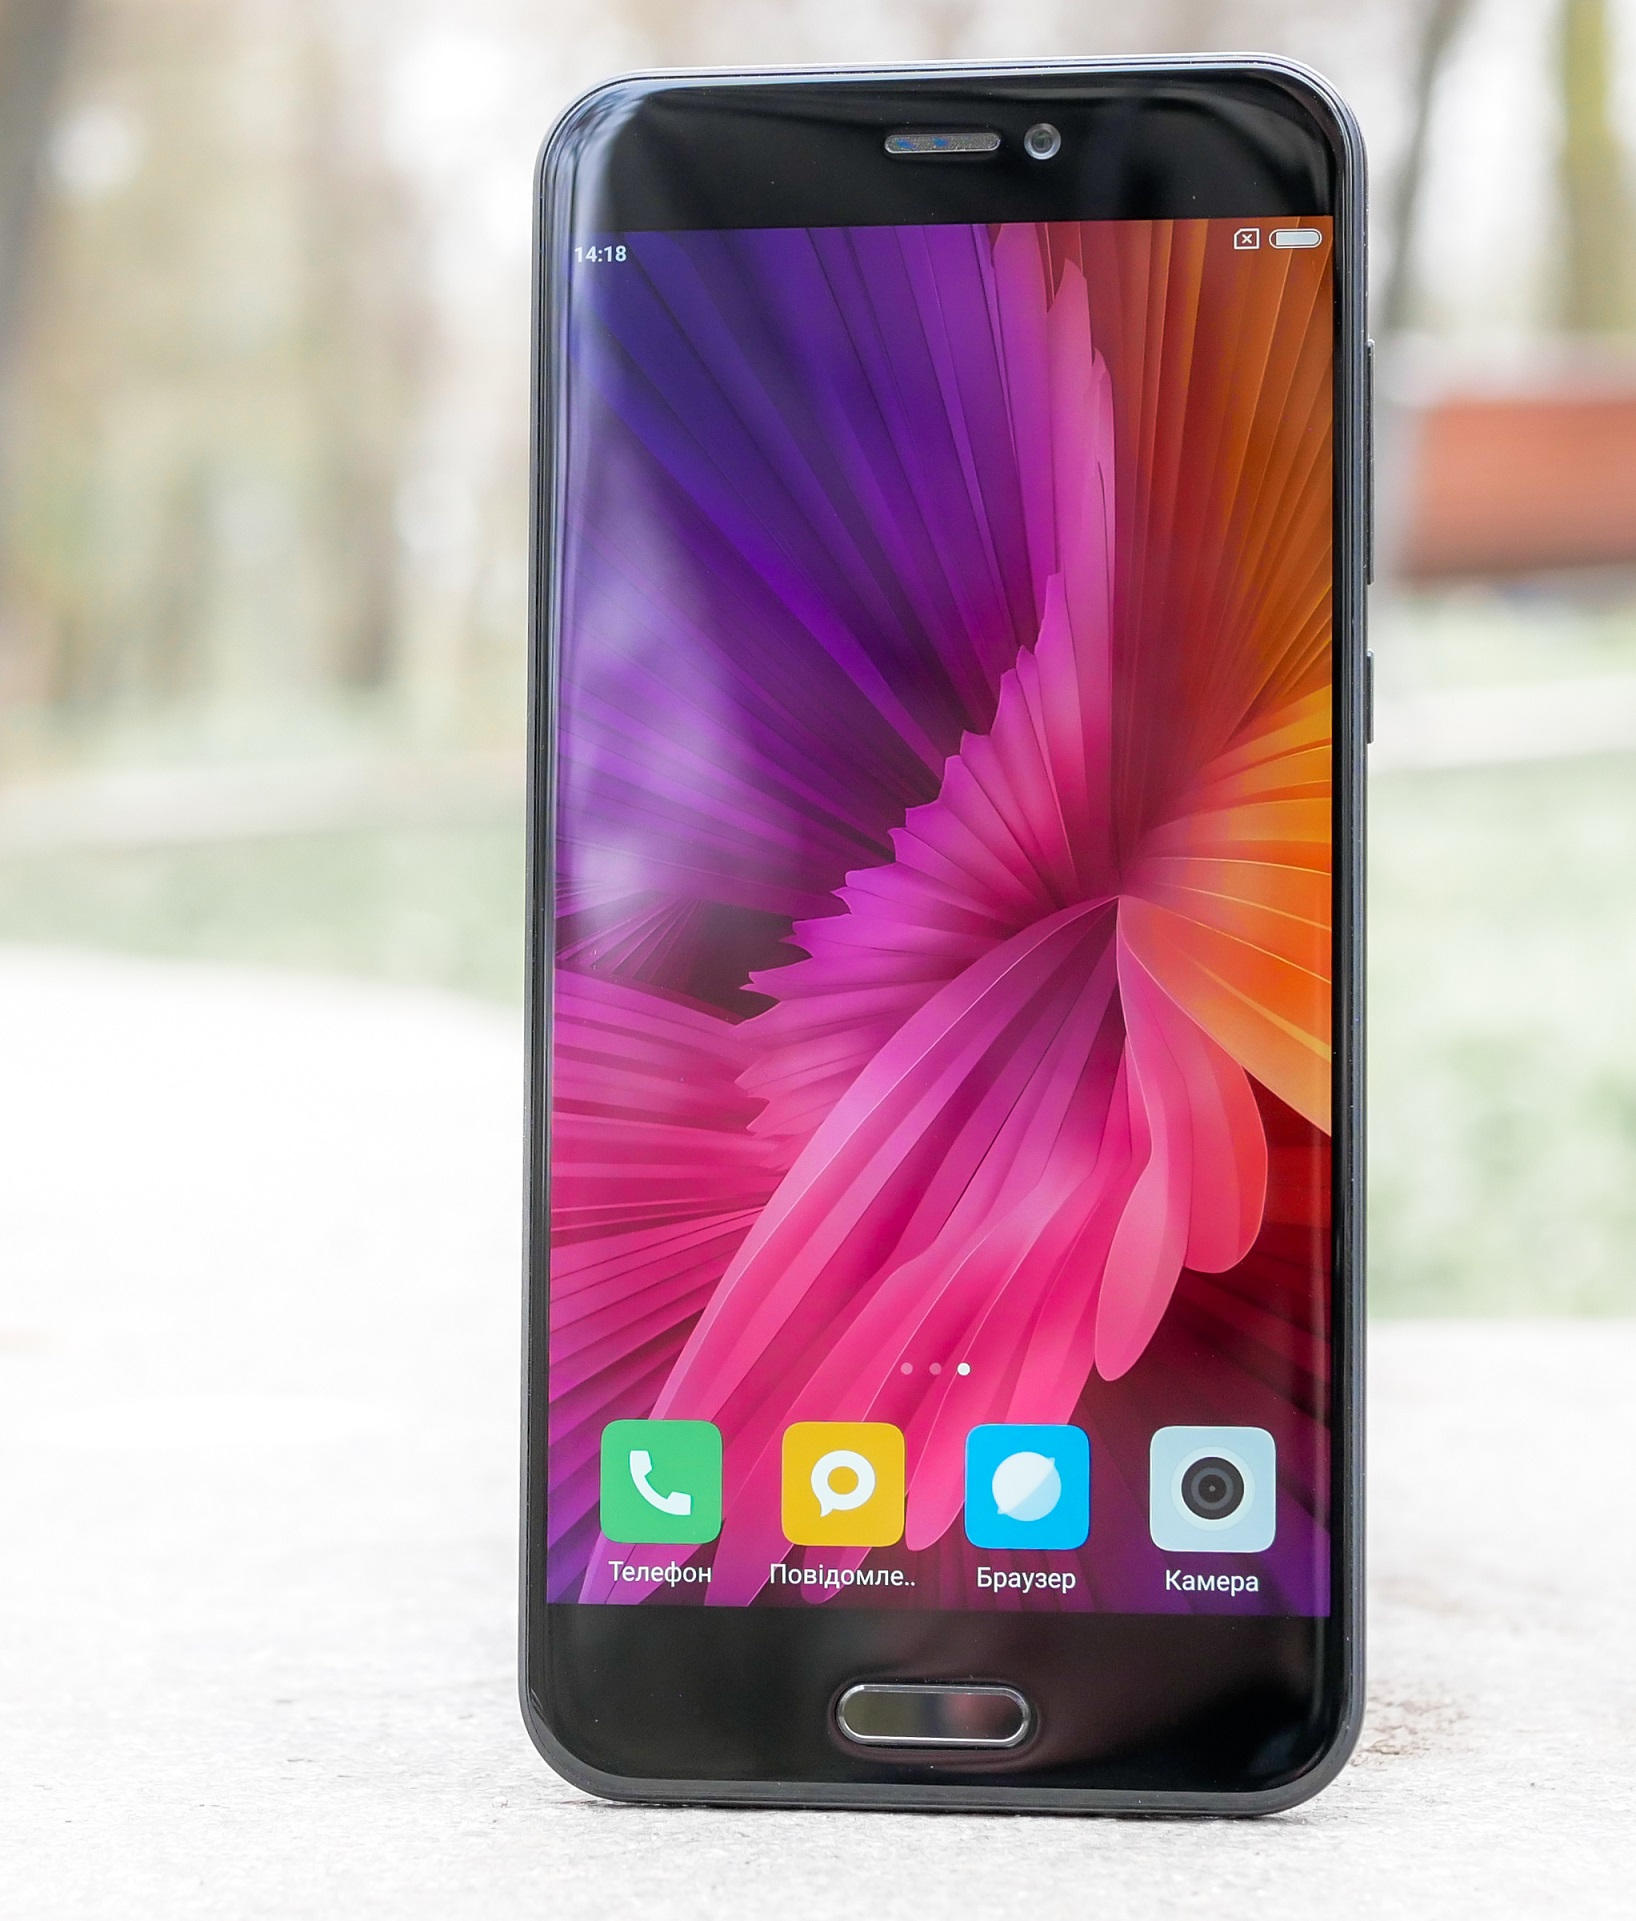 Xiaomi Mi 5C (Surge S1/Surge S2)